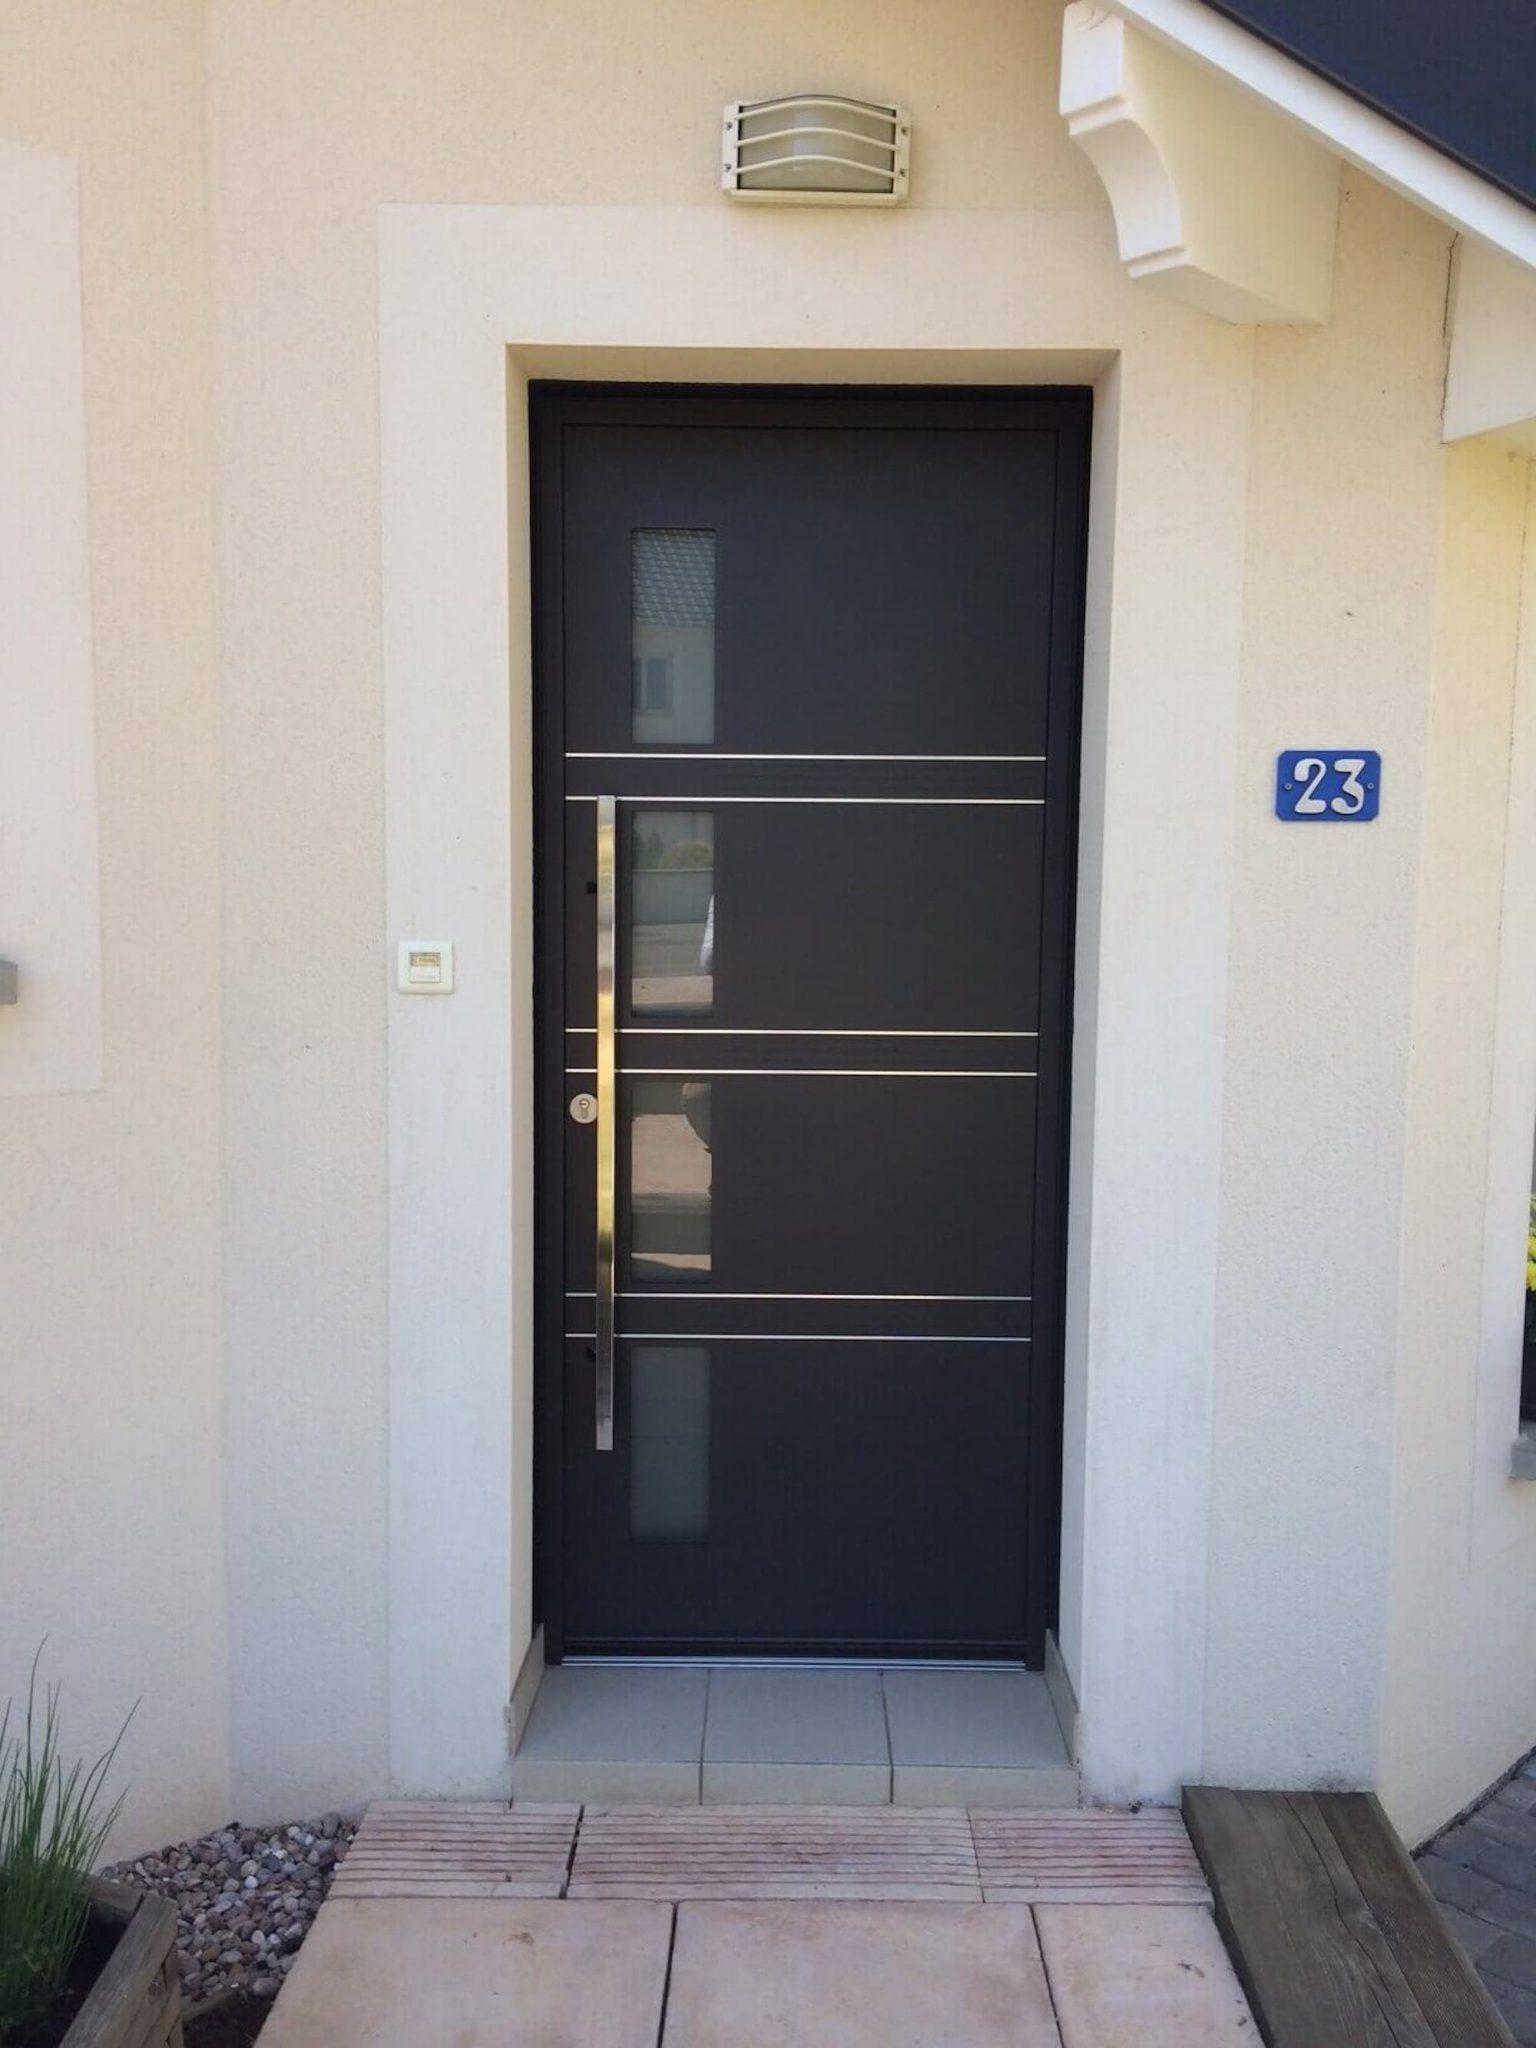 porte d'entrée hazebrouck, porte hazebrouck, porte d'entrée aire sur la lys, porte bethune lillers, porte morbecque thiennes blaringhem, porte saint venant, porte bailleul, alu pvc bois aluminium 3